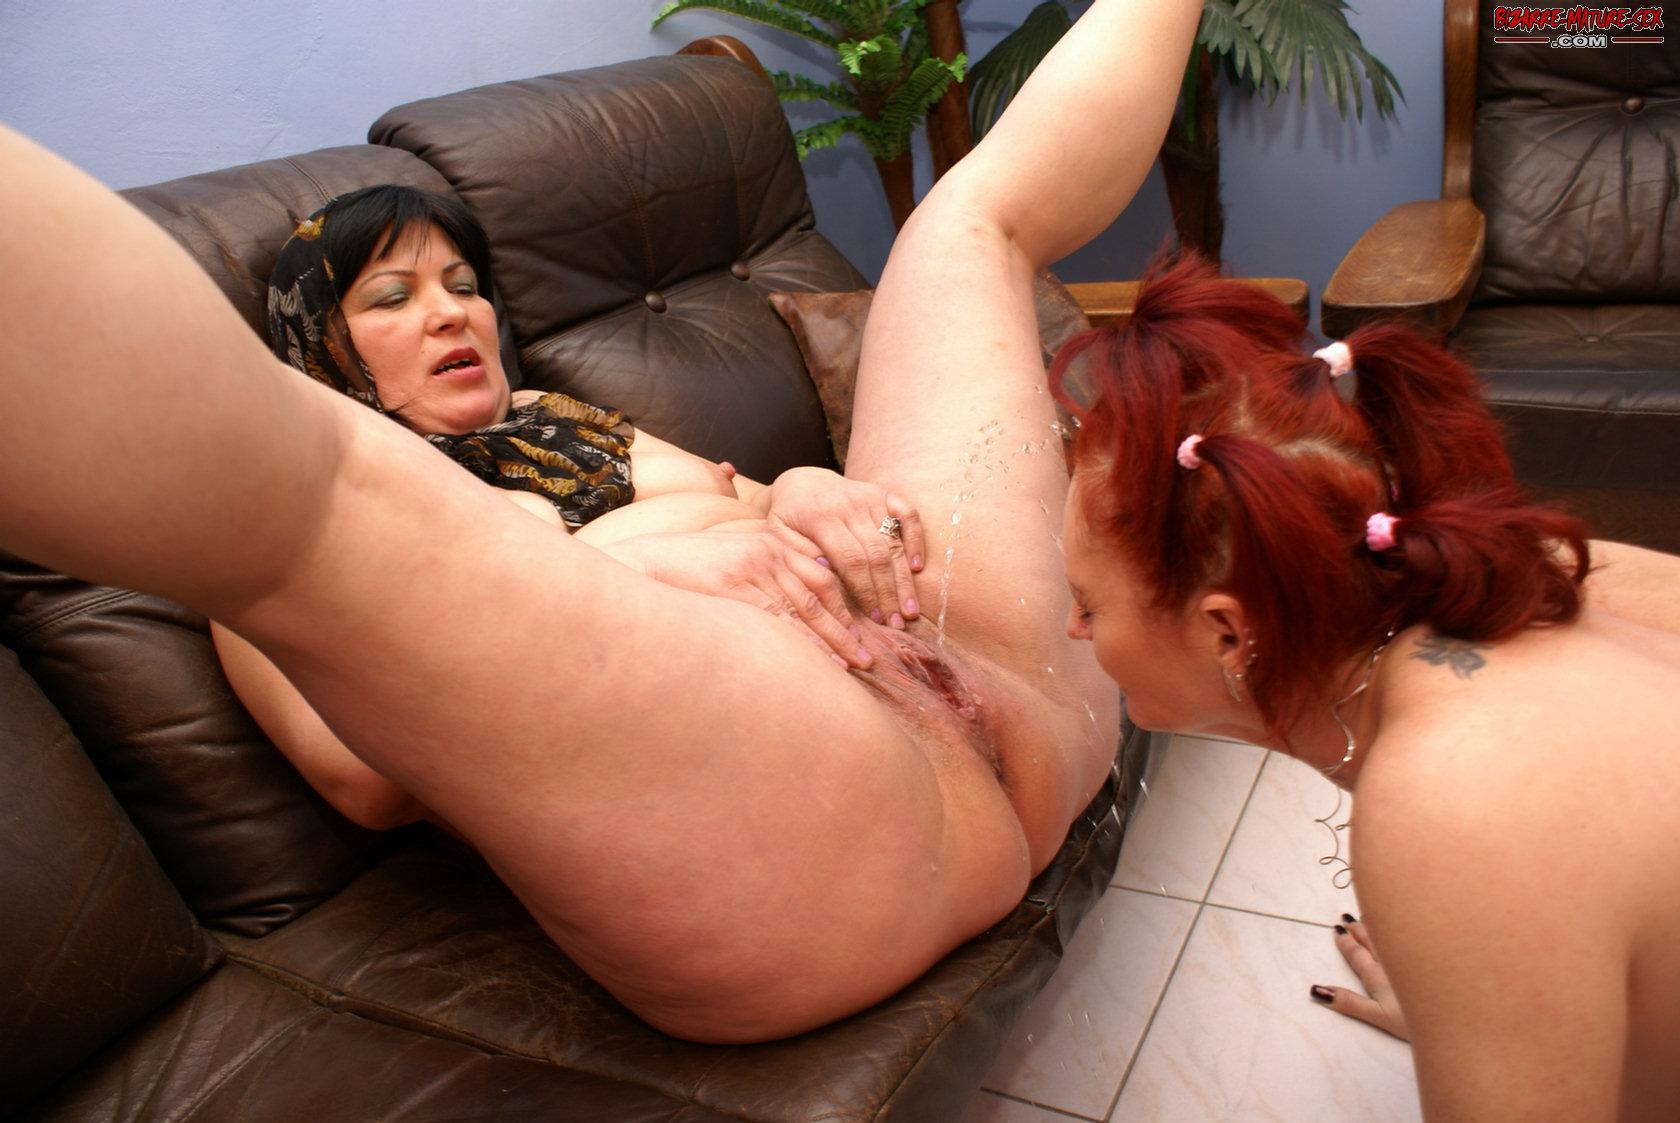 Золотые мамаши секс фото 3 фотография